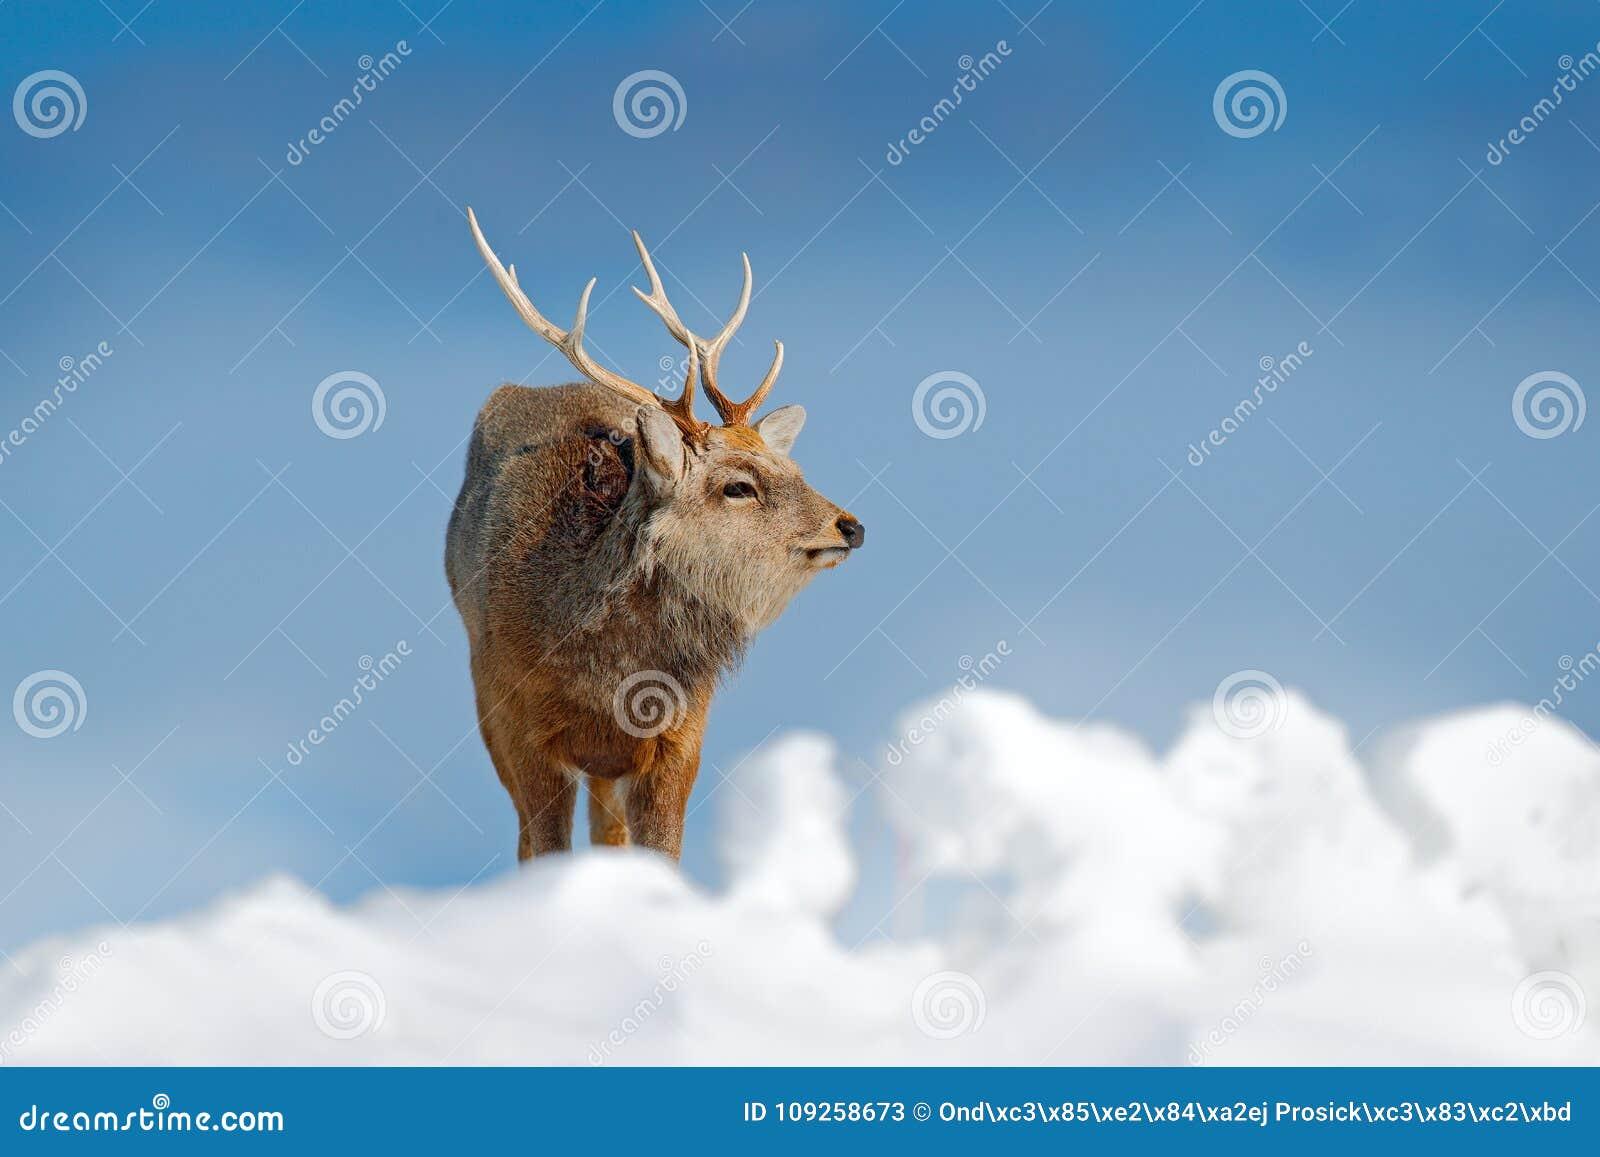 Hokkaido sikahjortar, Cervusnippon yesoensis, i snöäng, vinterberg och skog i bakgrunden Djur med hornet på kronhjort in